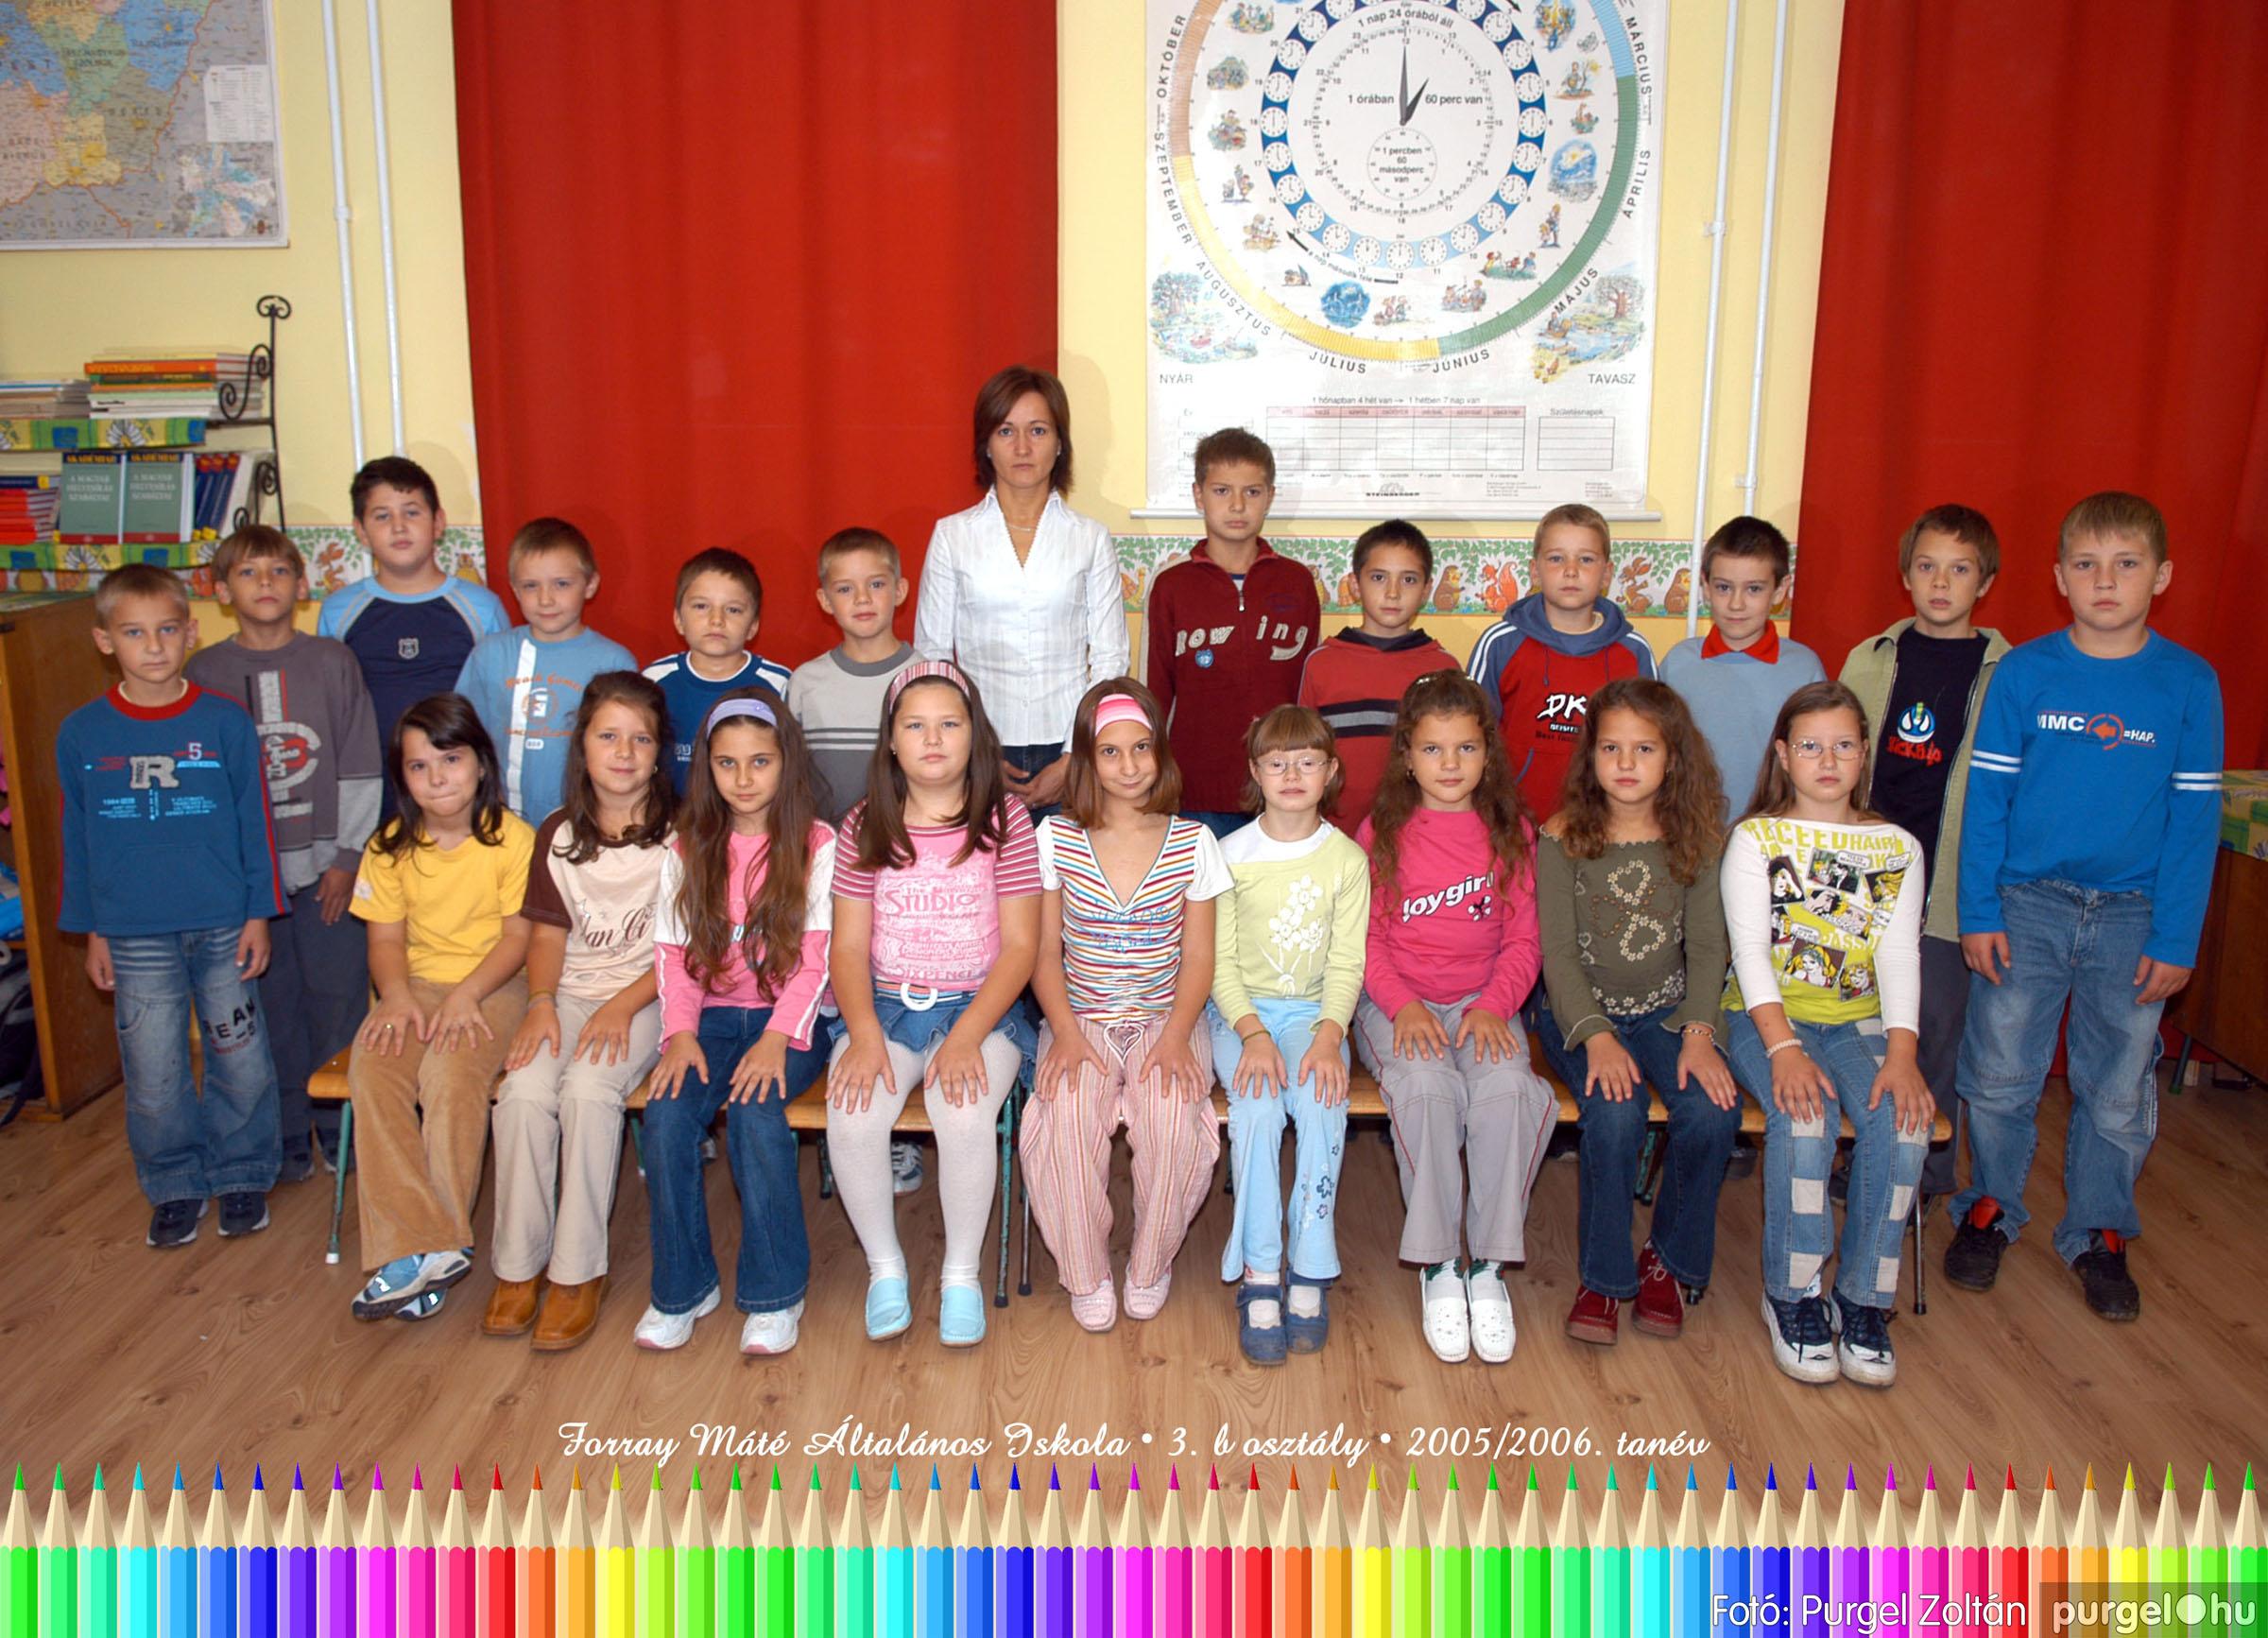 2005.09.21-10.06. 009 Forray Máté Általános Iskola osztályképek 2005. - Fotók:PURGEL ZOLTÁN© 3bkomoly.jpg